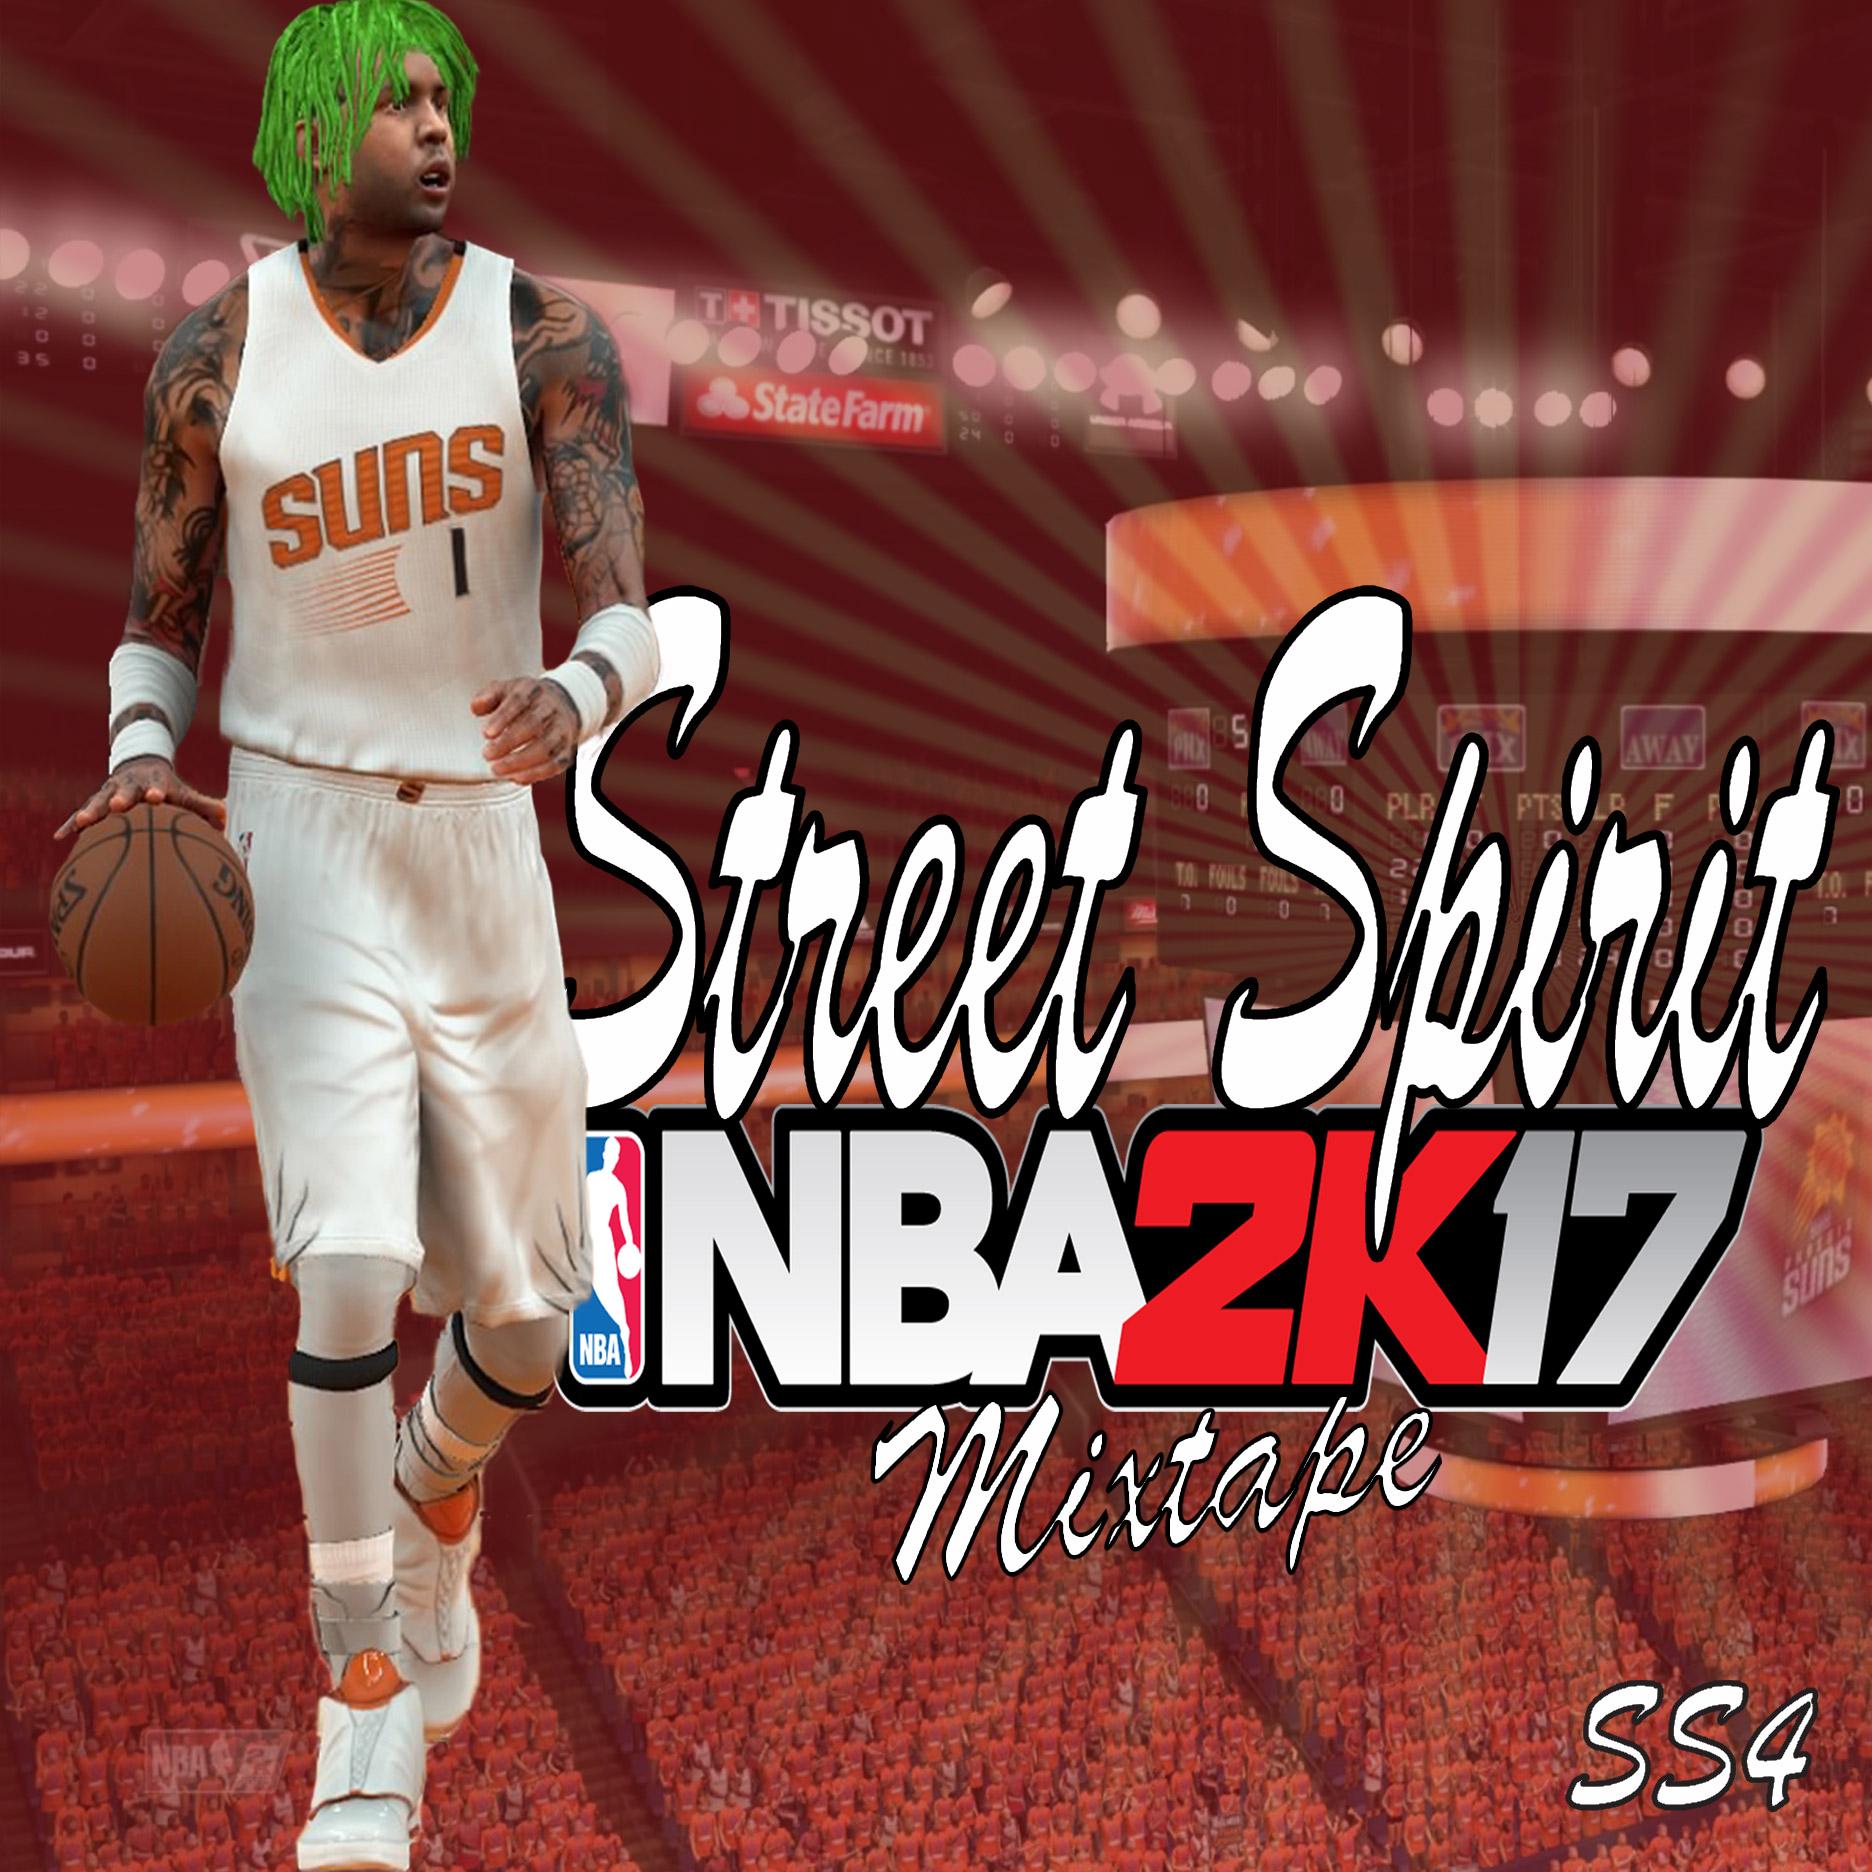 2k17-mixtape-thumbnail.jpg